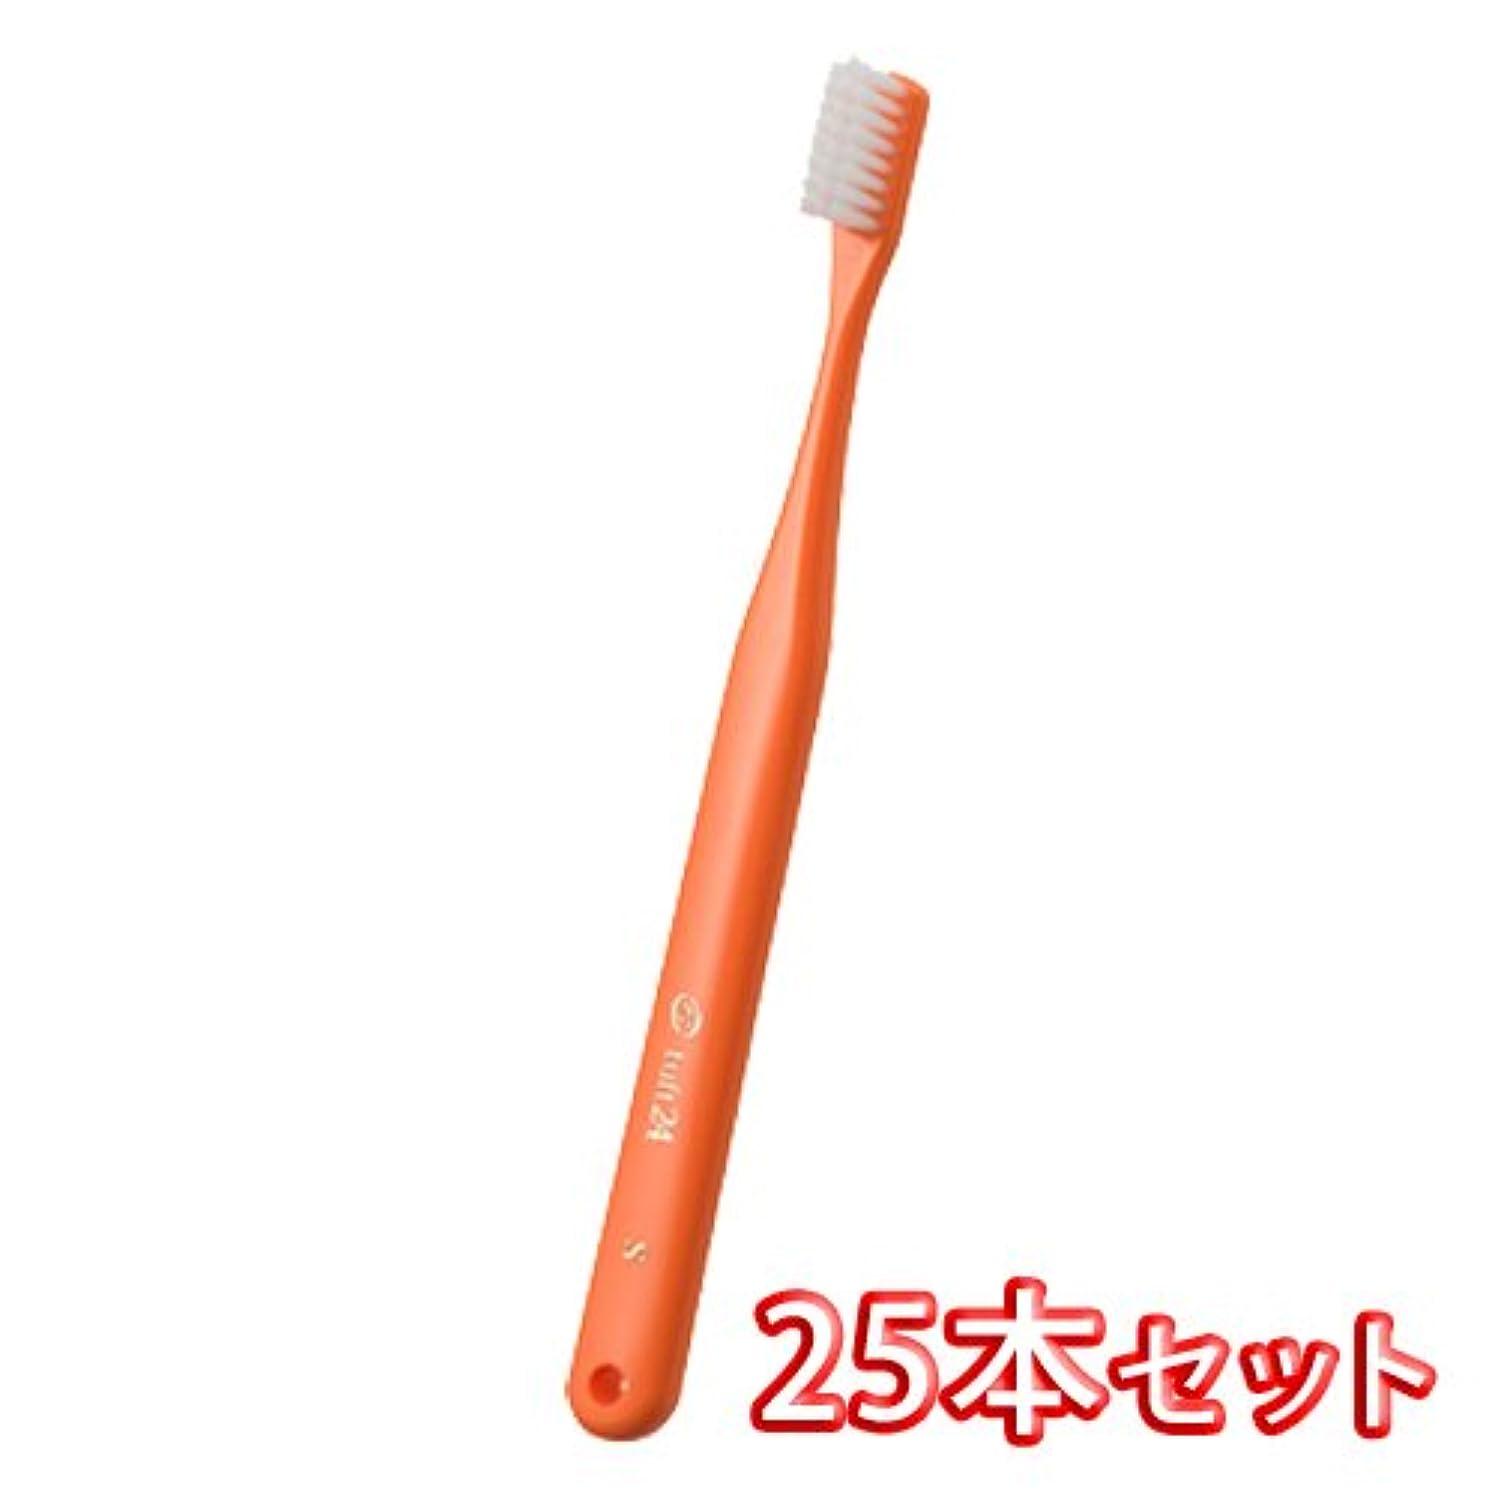 省略するビヨン承知しましたオーラルケア キャップ付き タフト 24 歯ブラシ 25本入 ミディアムハード MH (オレンジ)